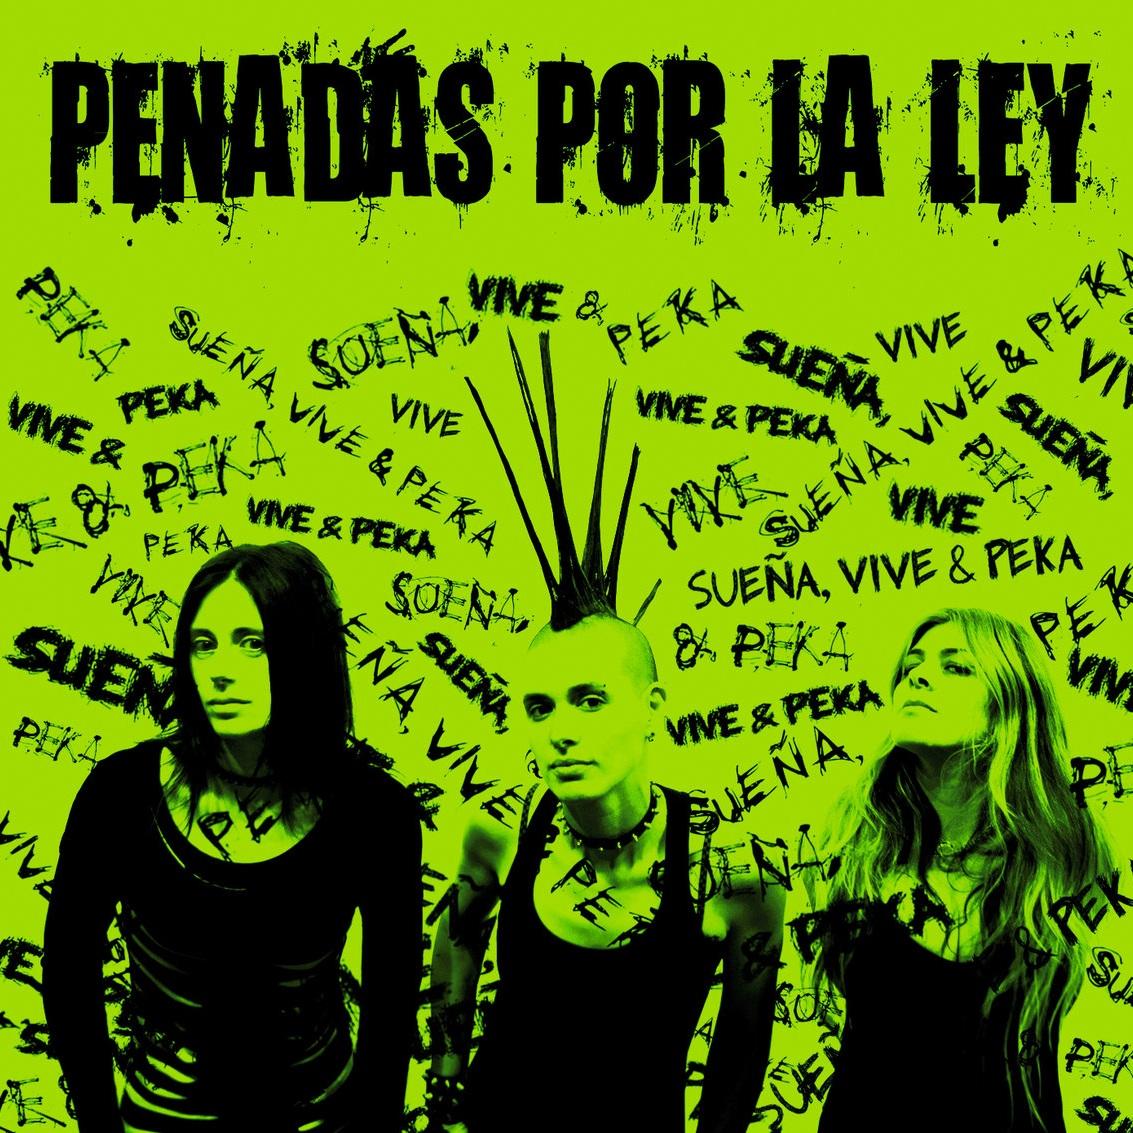 Penadas Por La Ley - Sueña, Vive y Peka - LP - Abril 2012